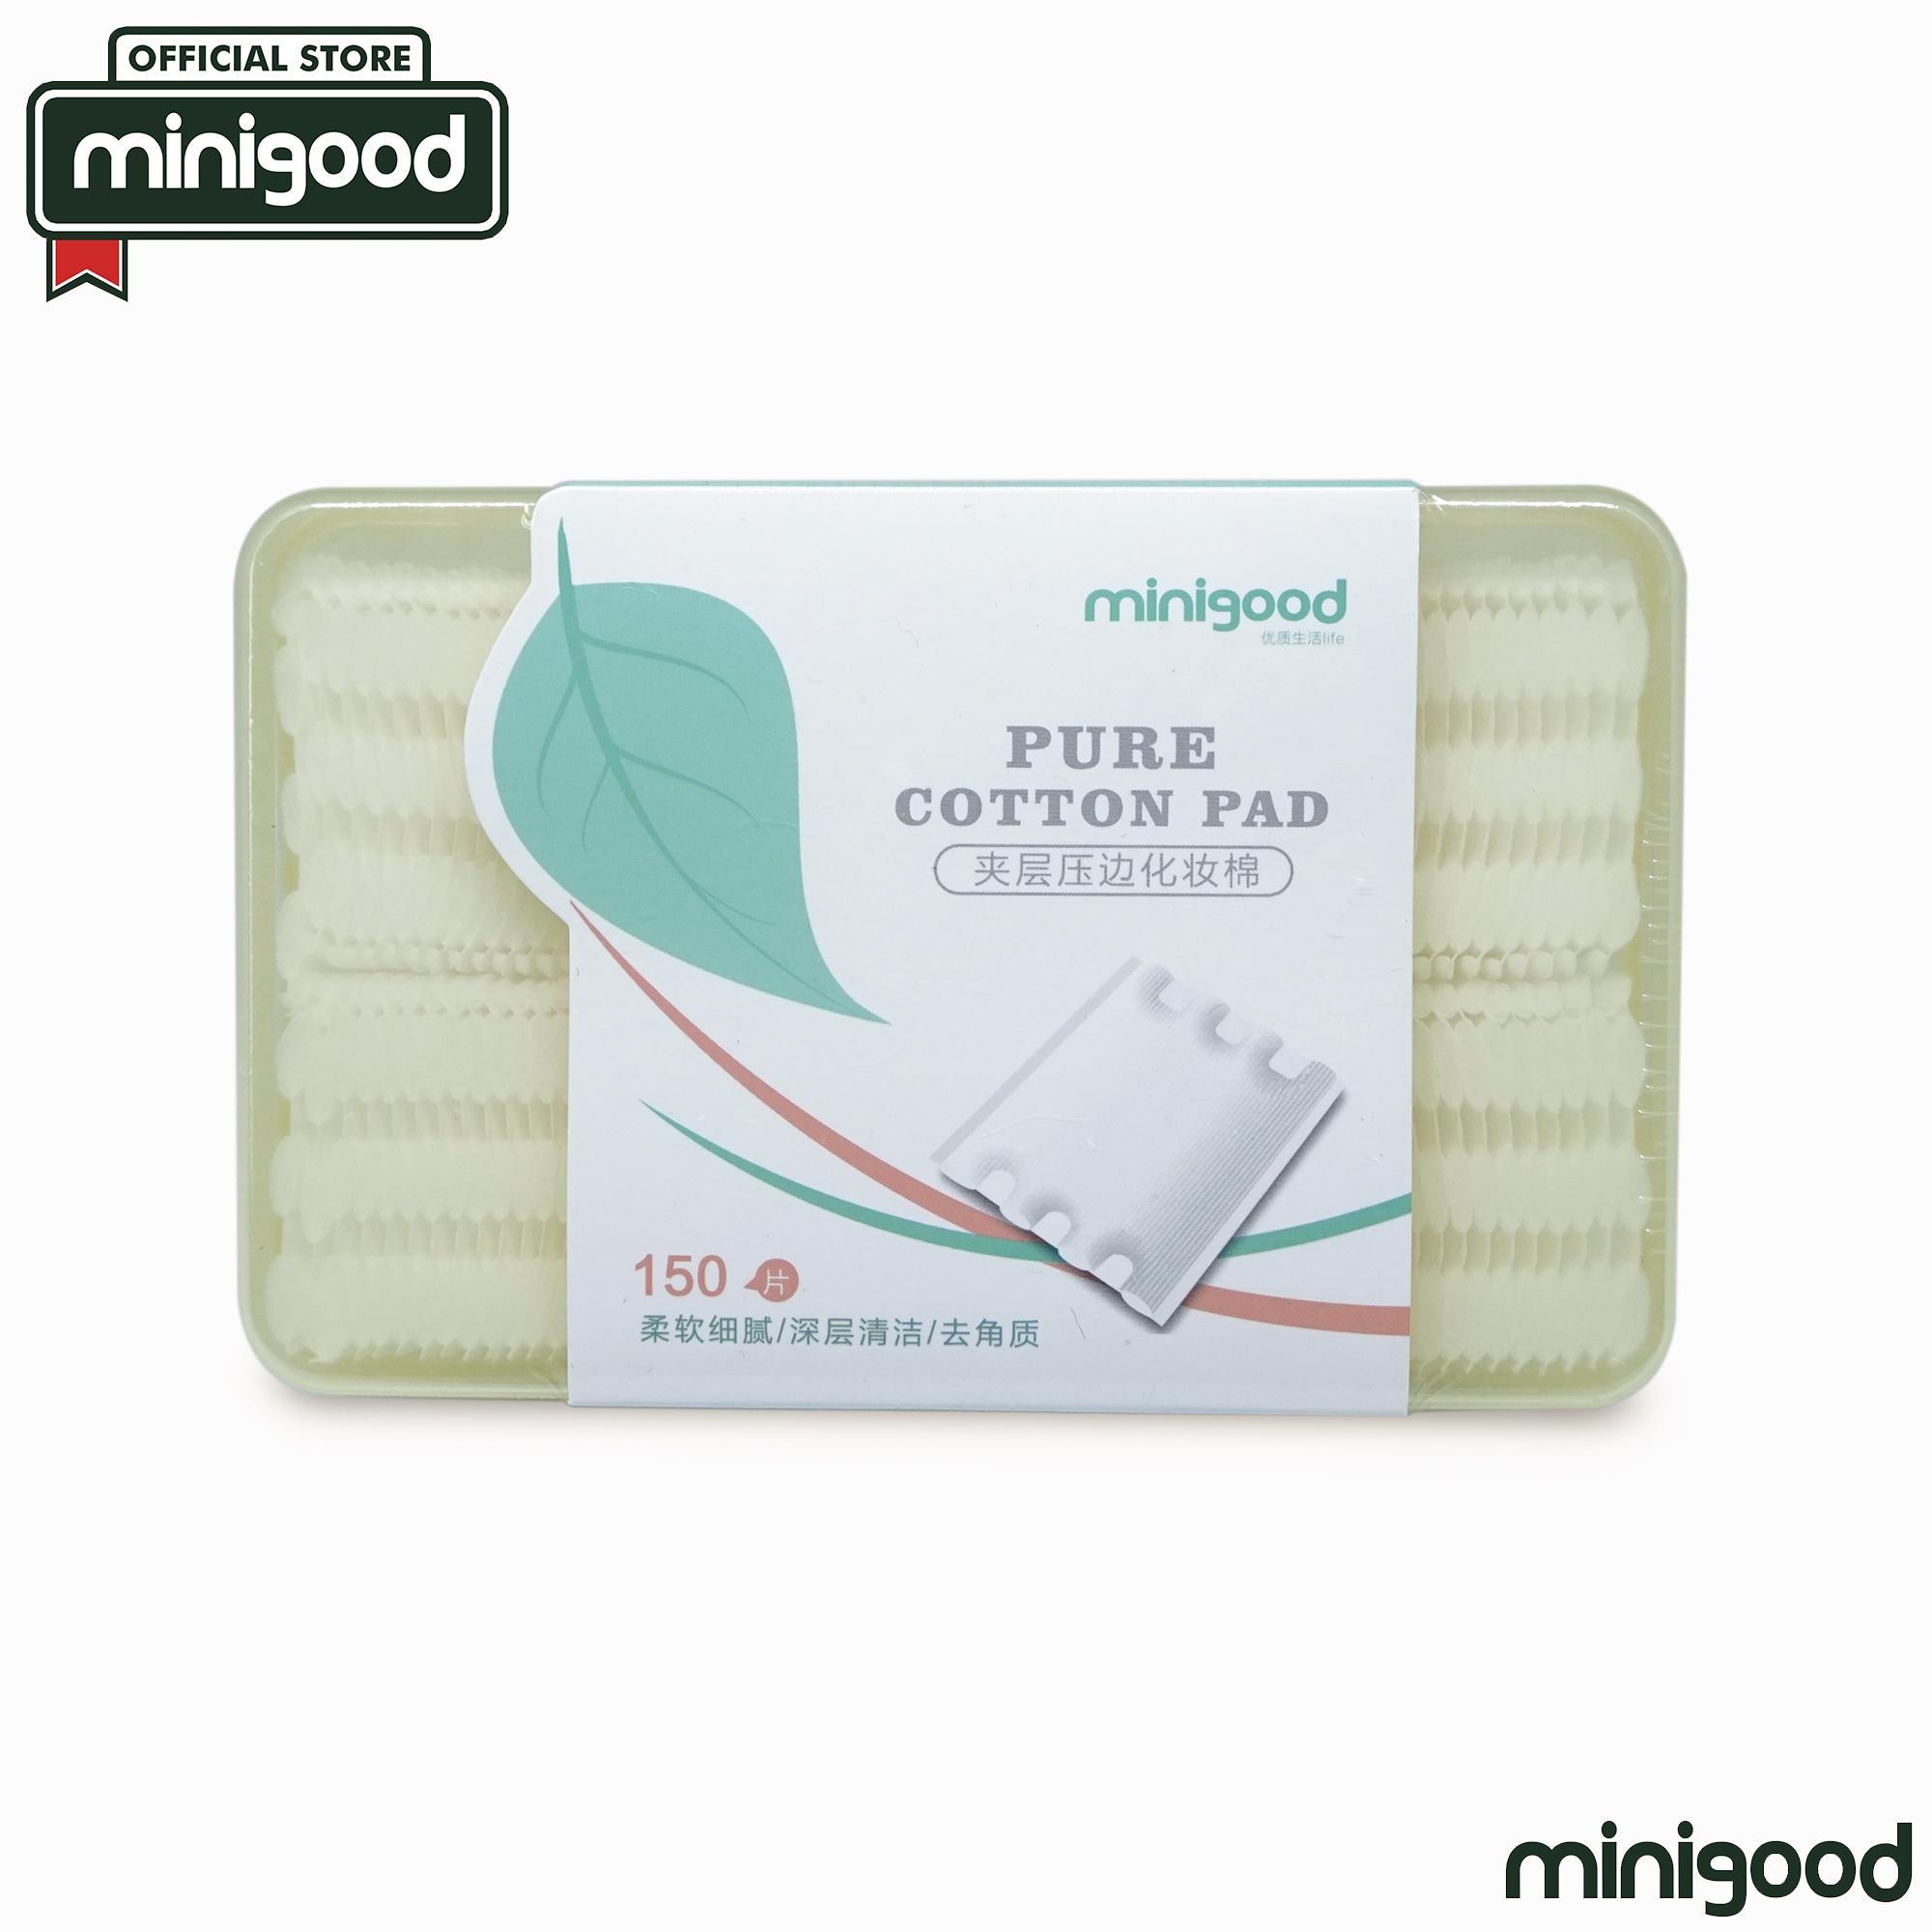 Selection Round Cotton Kapas Wajah Bulat 1 Pc Daftar Harga Terkini Paket Isi 3 Facial 50 Gram Perpack Source Minigood Hot Item